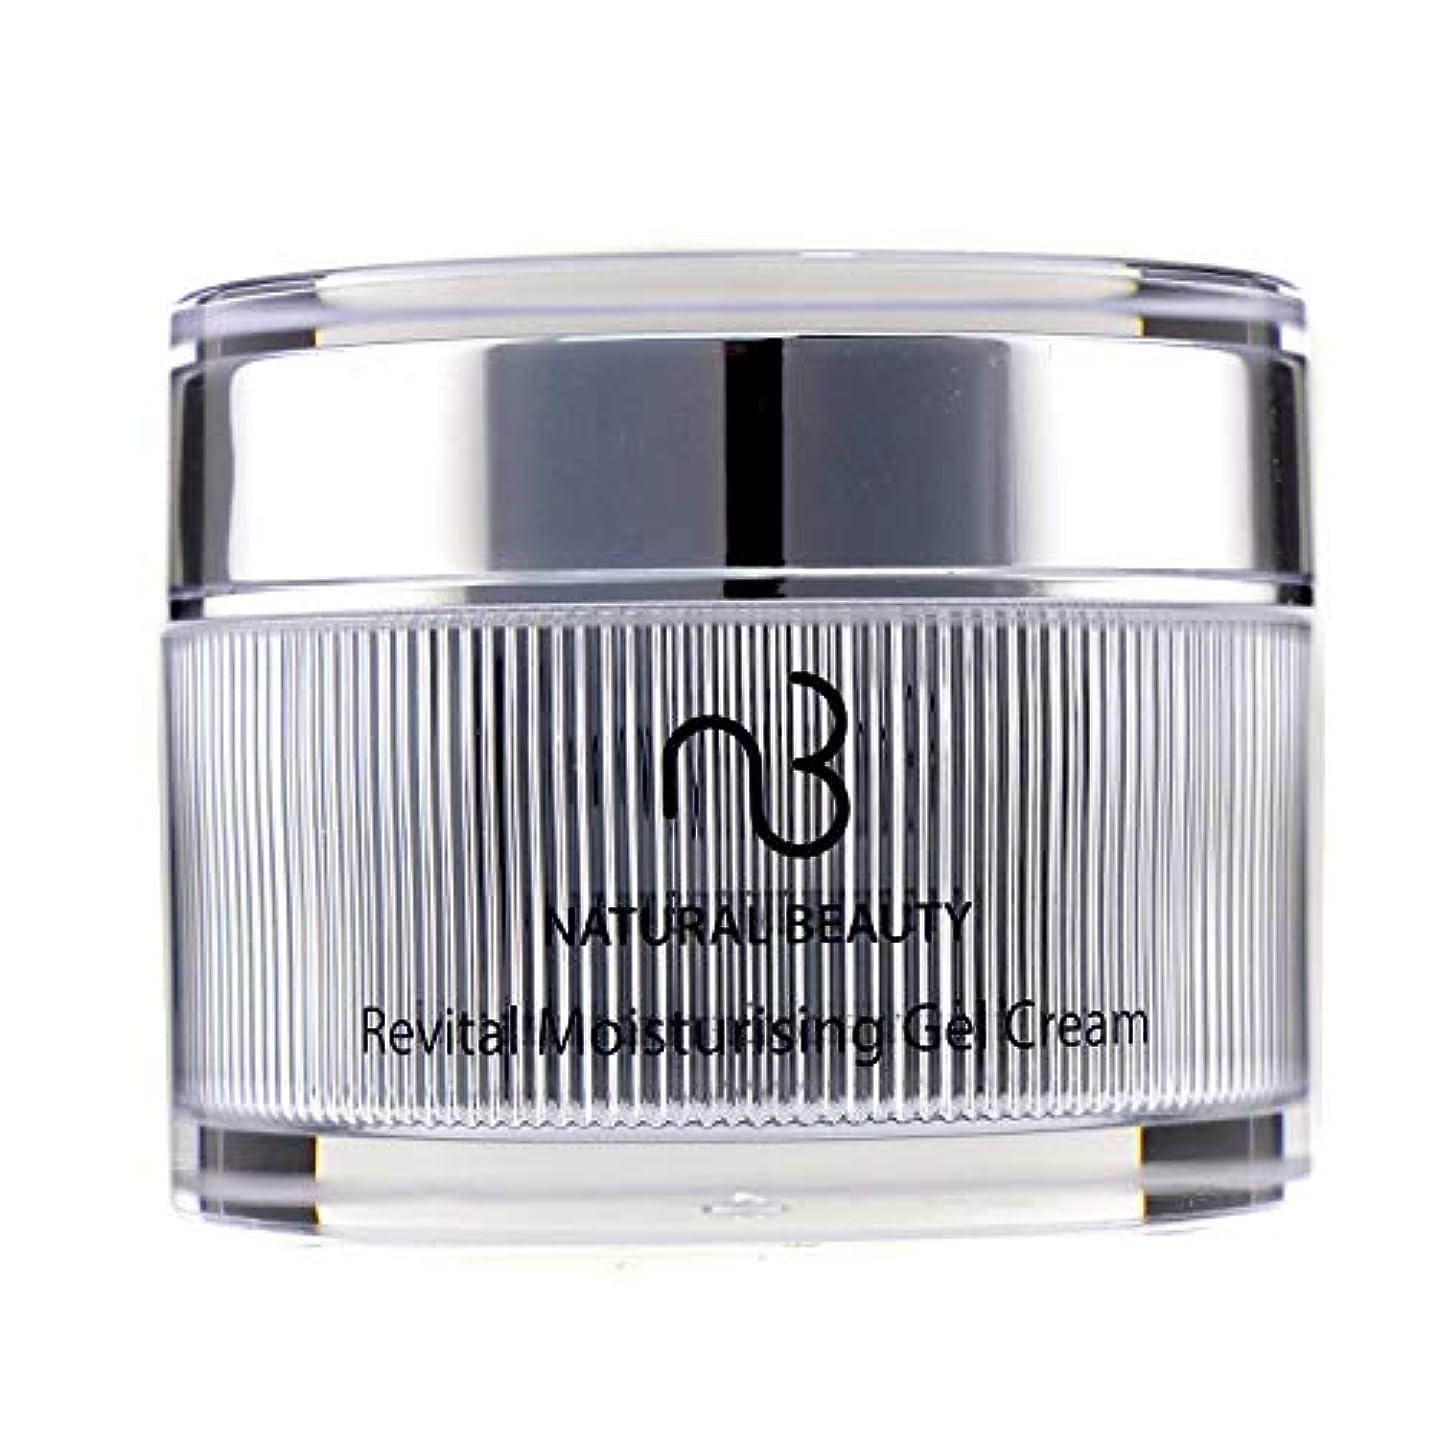 スムーズに含む宣言する自然の美 リバイタルモイスチャライジングジェルクリーム Natural Beauty Revital Moisturising Gel Cream 50ml/1.7oz並行輸入品